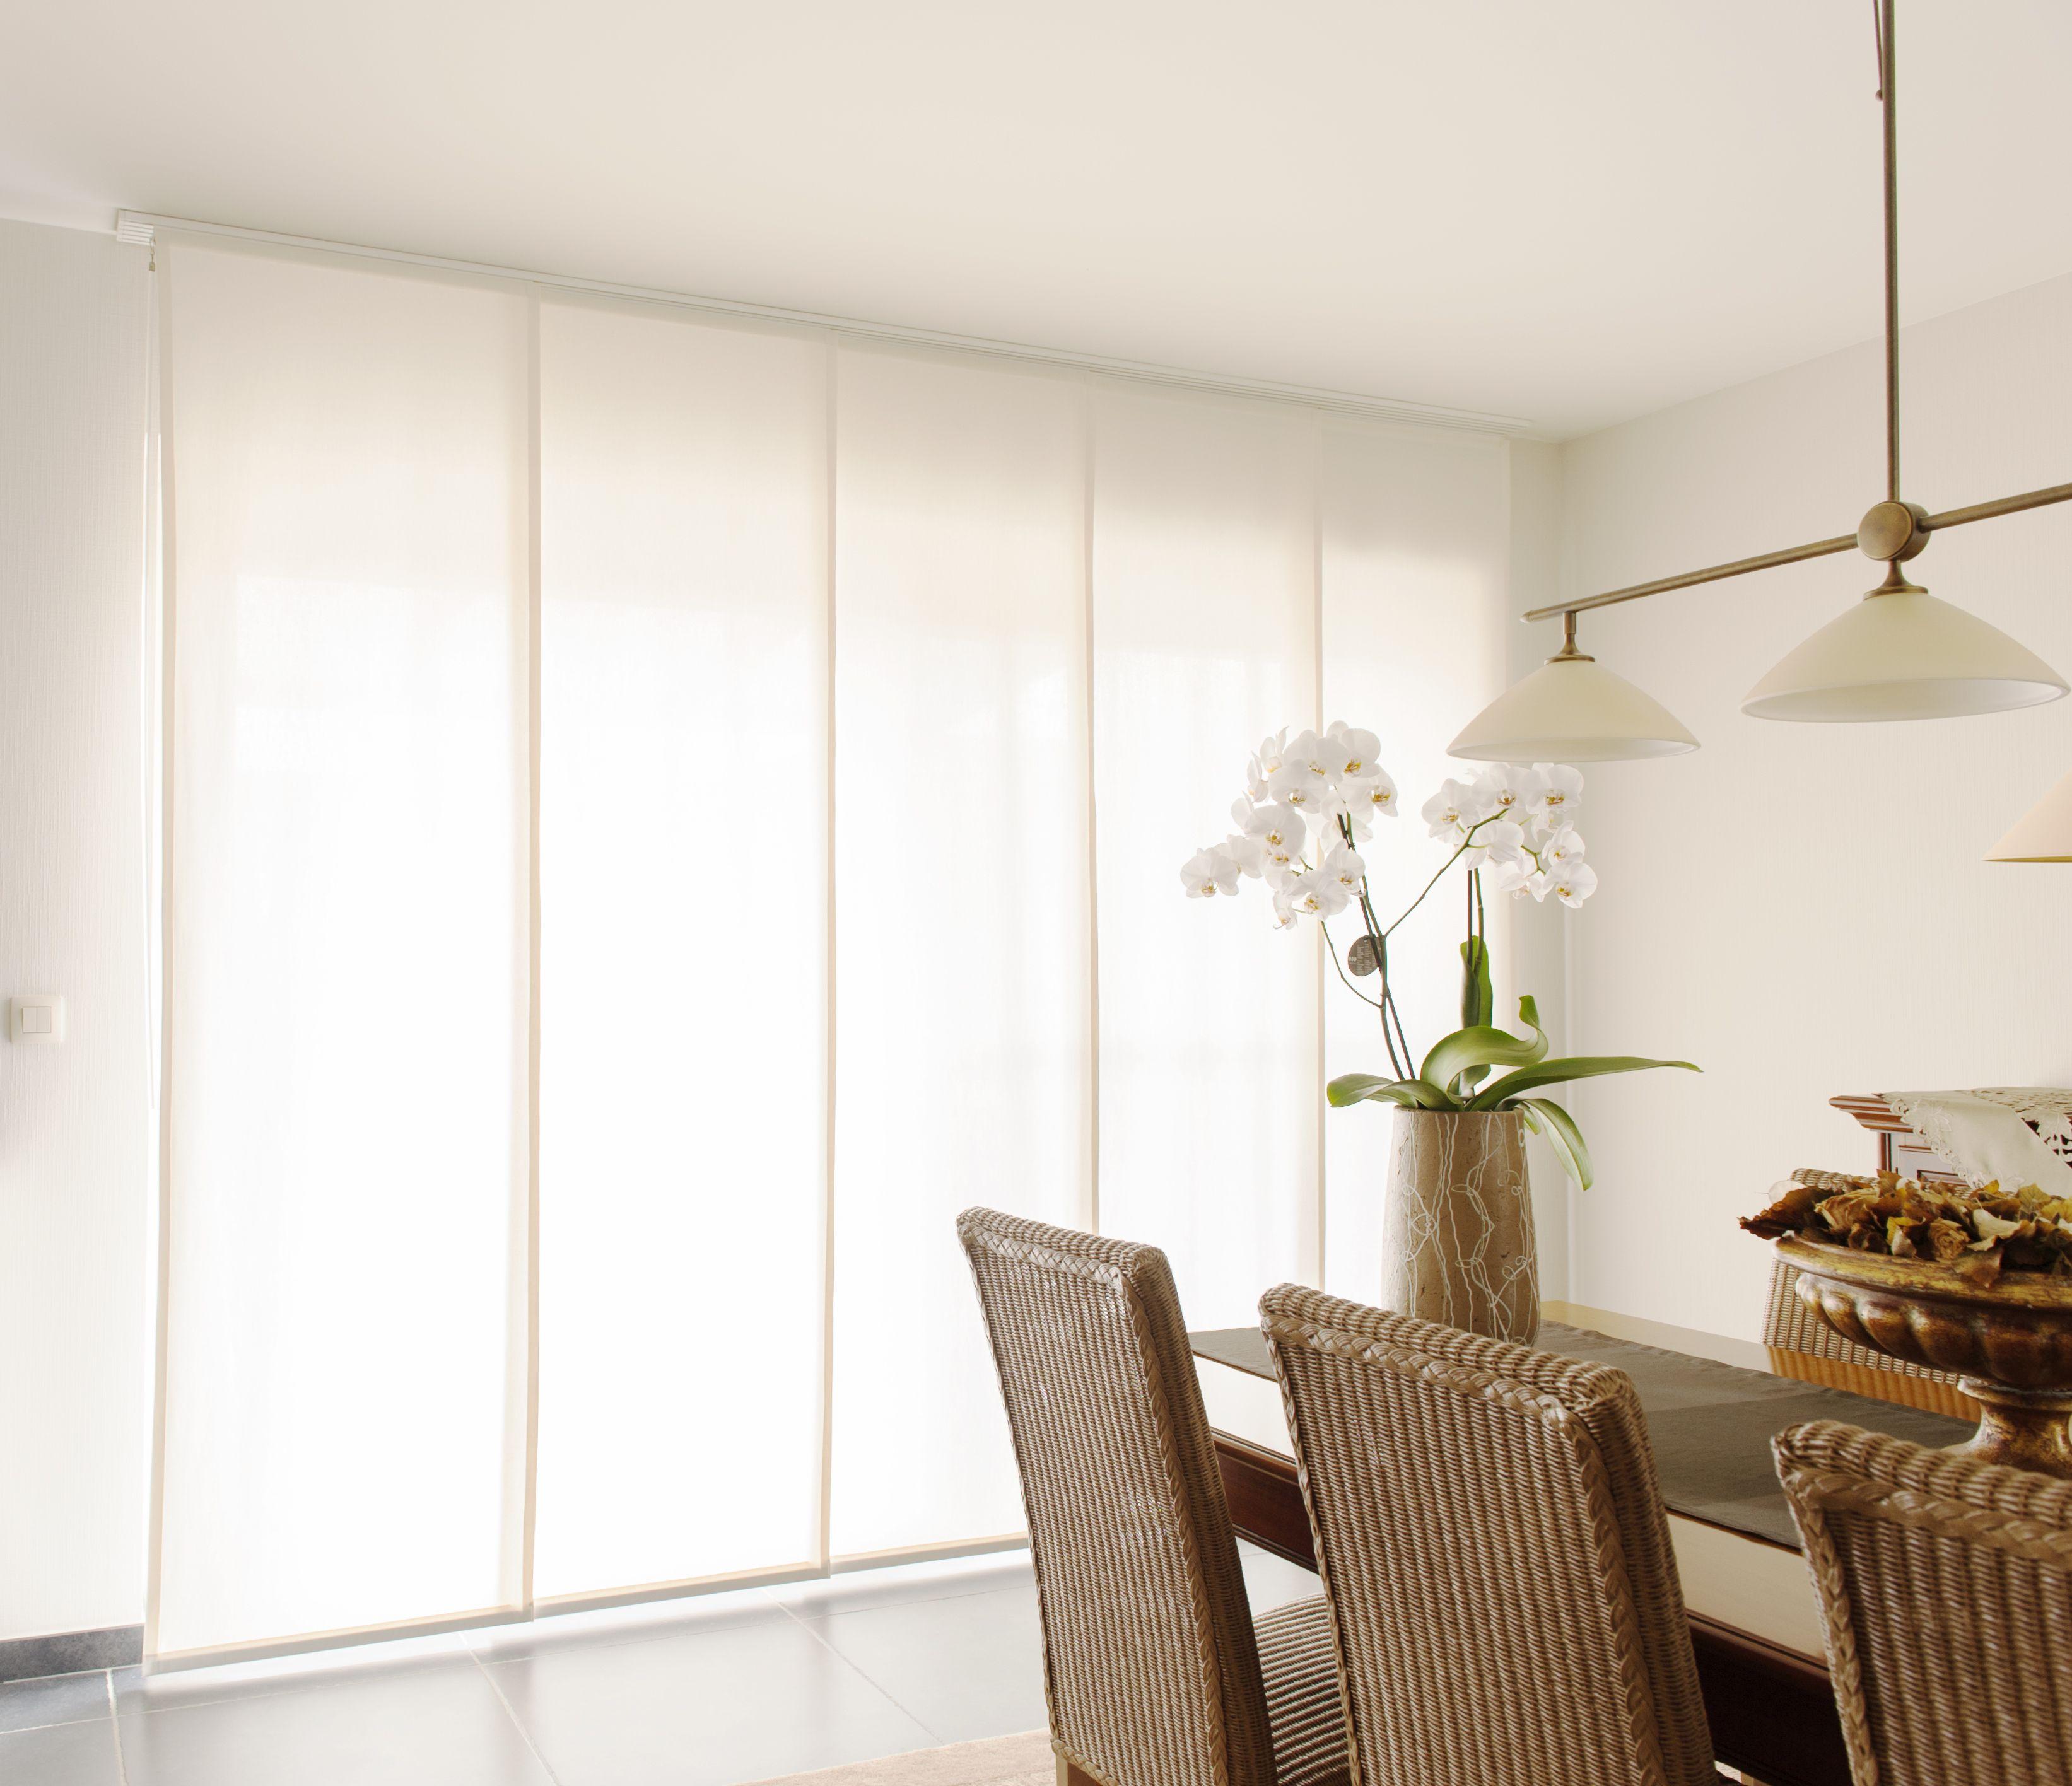 decoline thedecofactory interieur verf vloerbekleding gordijnen huis decoratie